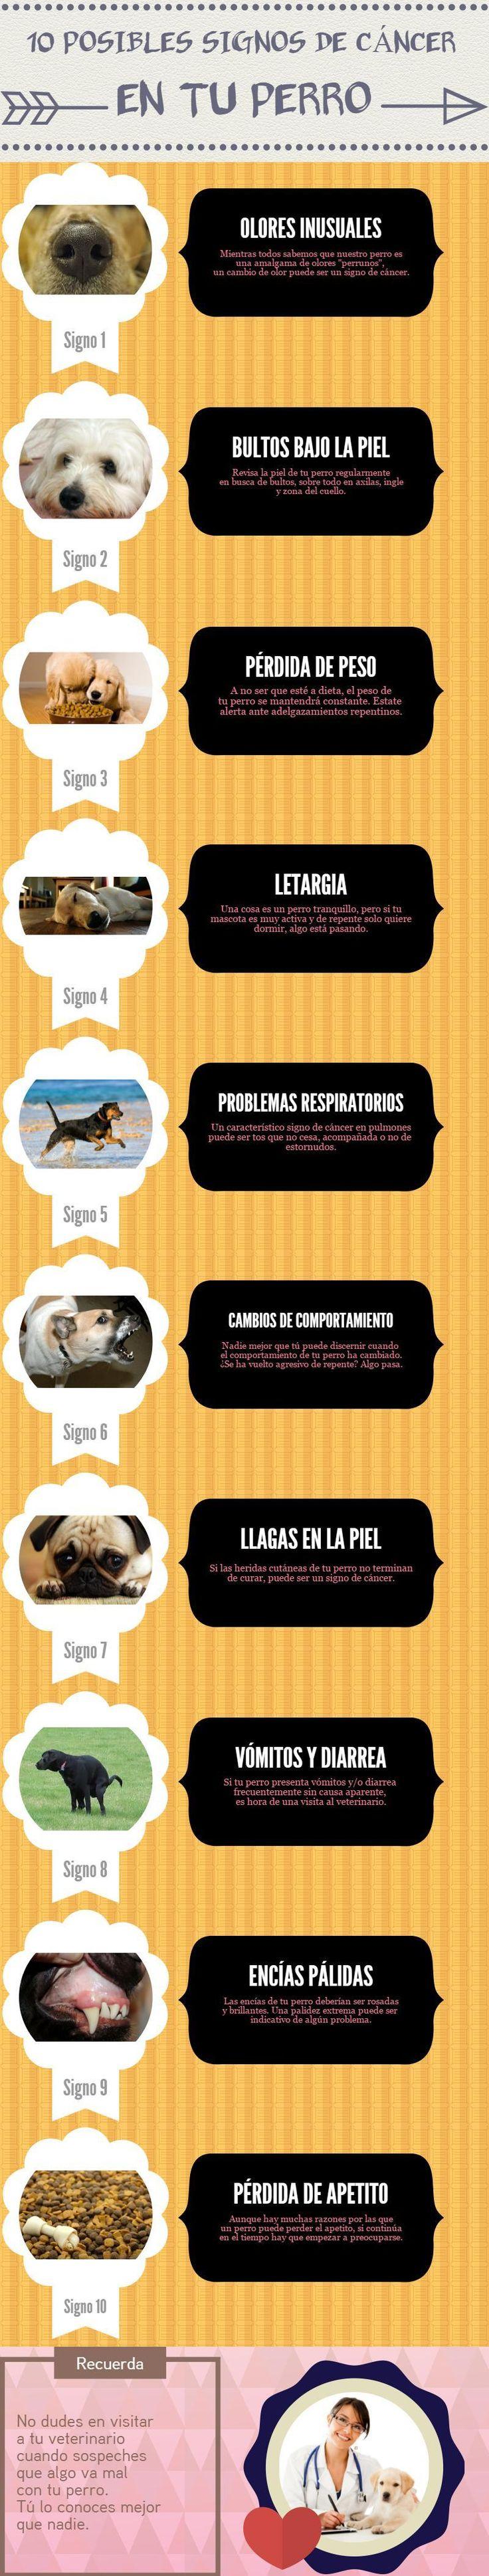 Descubre los signos que podrían ser indicativos de cáncer en tu perro.